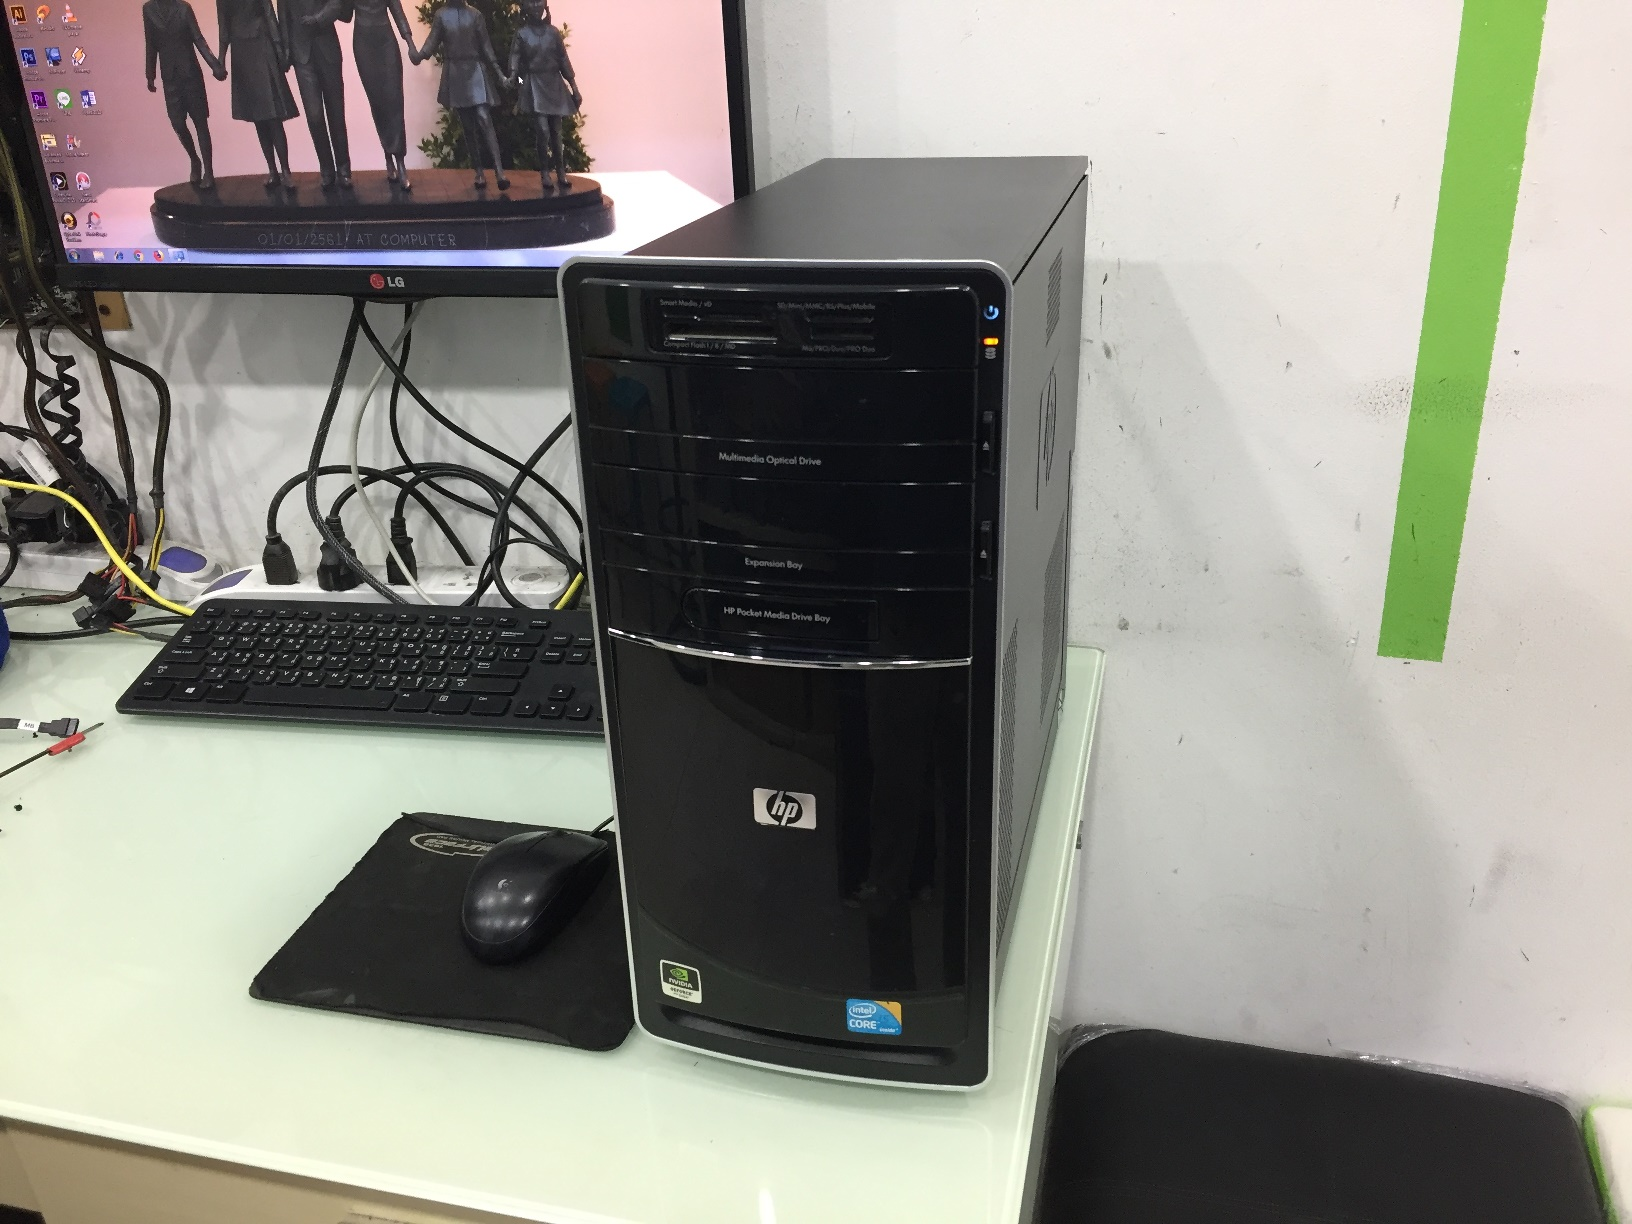 HP P6000 i5-750